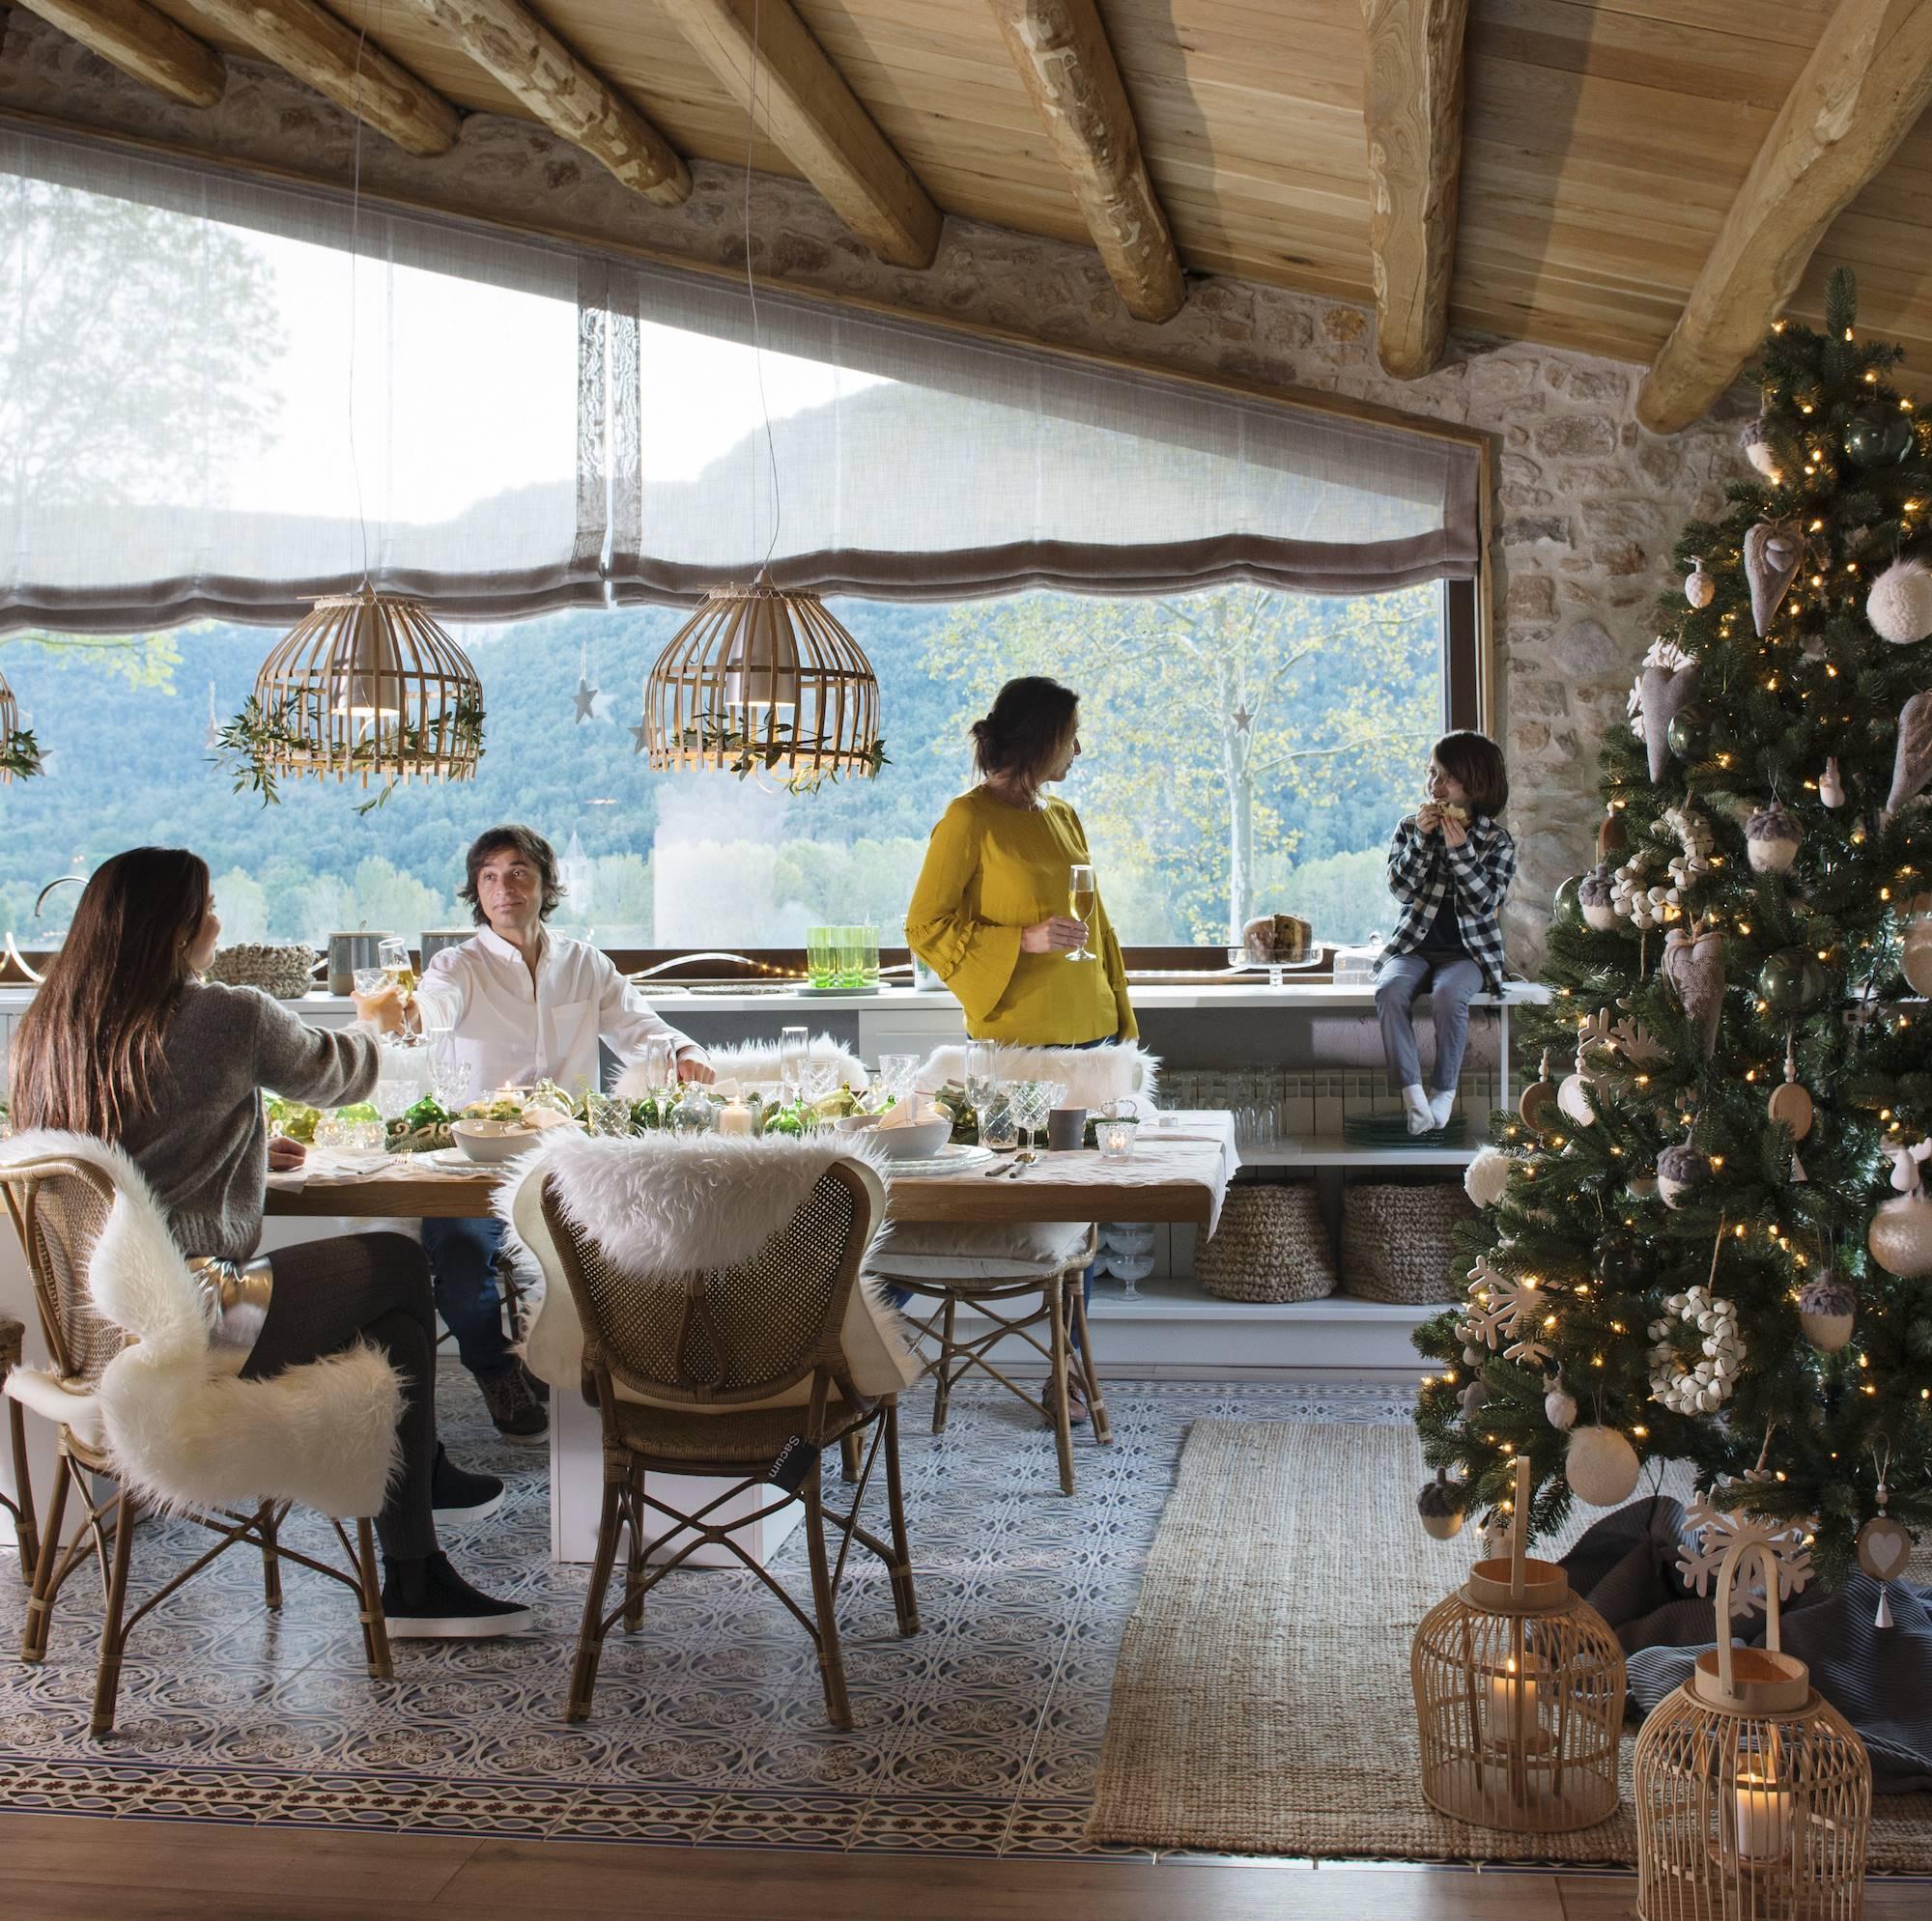 8526ee9a56c familia en salon decorado de navidad 00471072 O. Diciembre  unas fiestas  diferentes